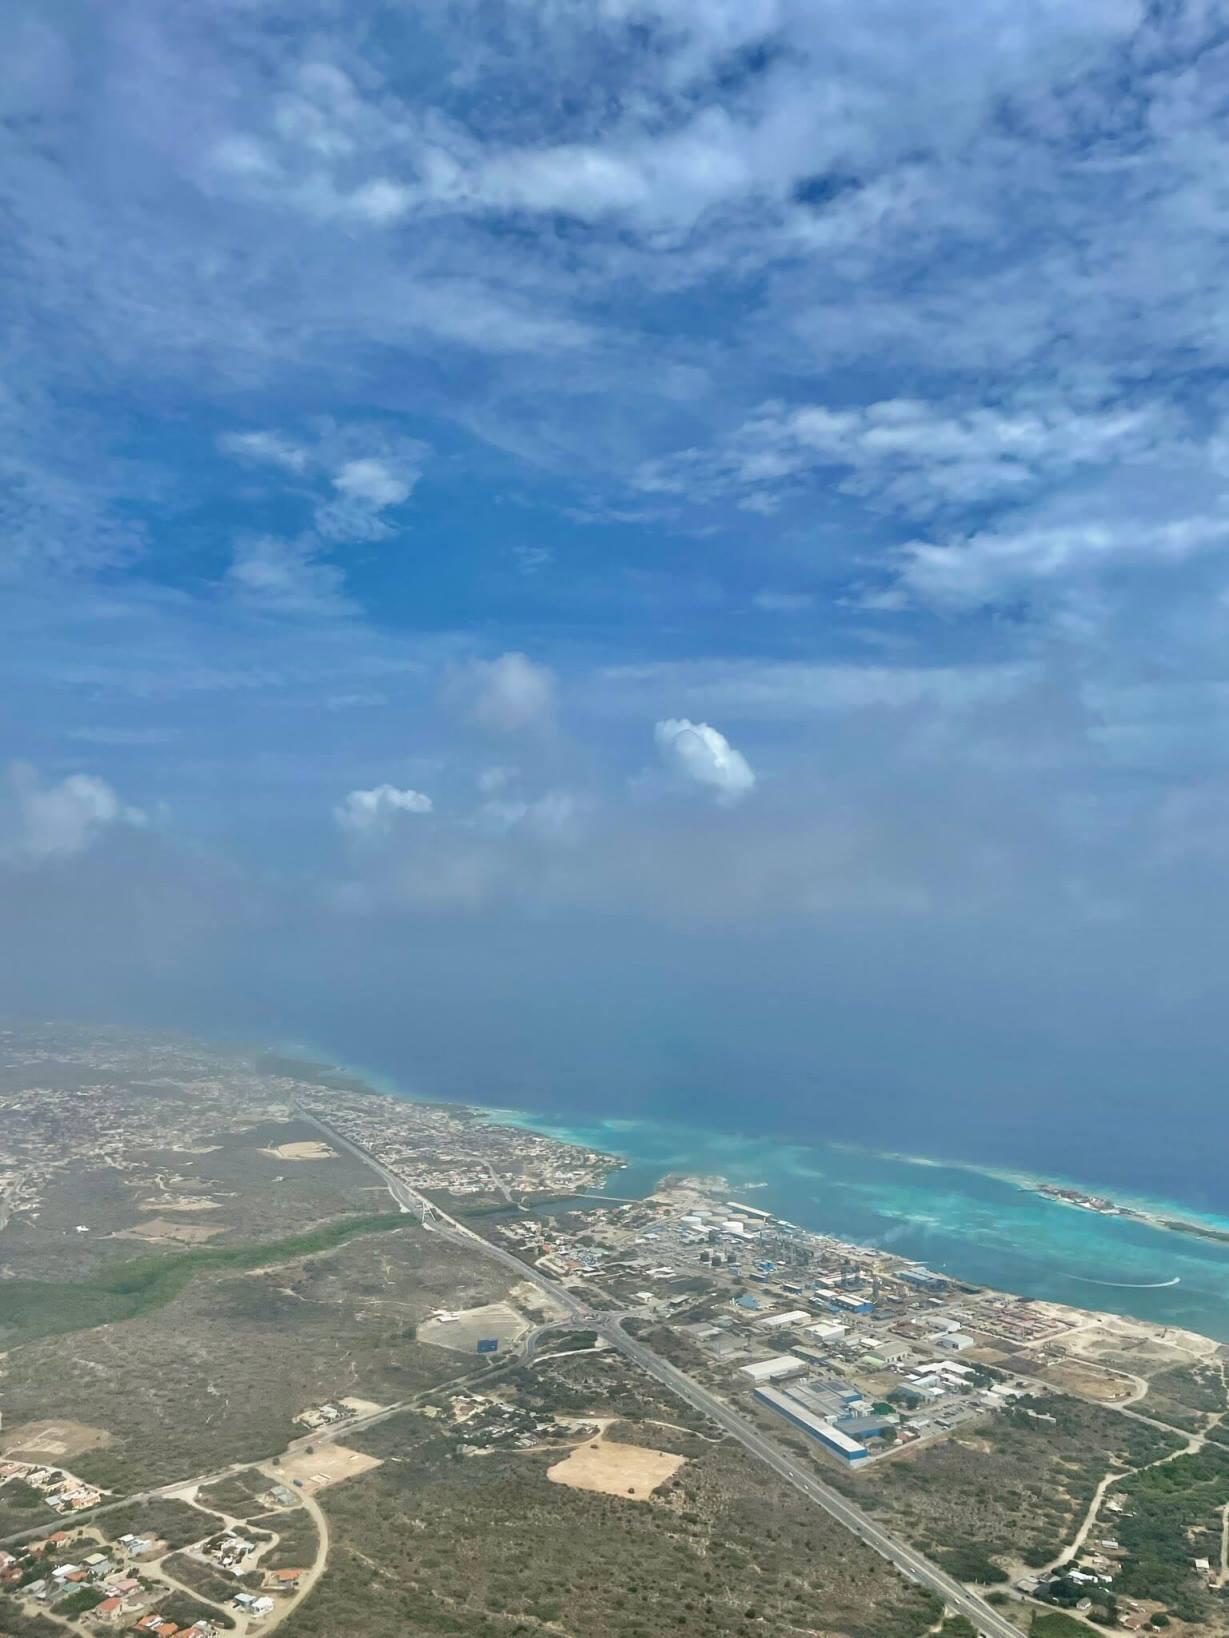 saharan-dust-cloud-haze-aruba-airport